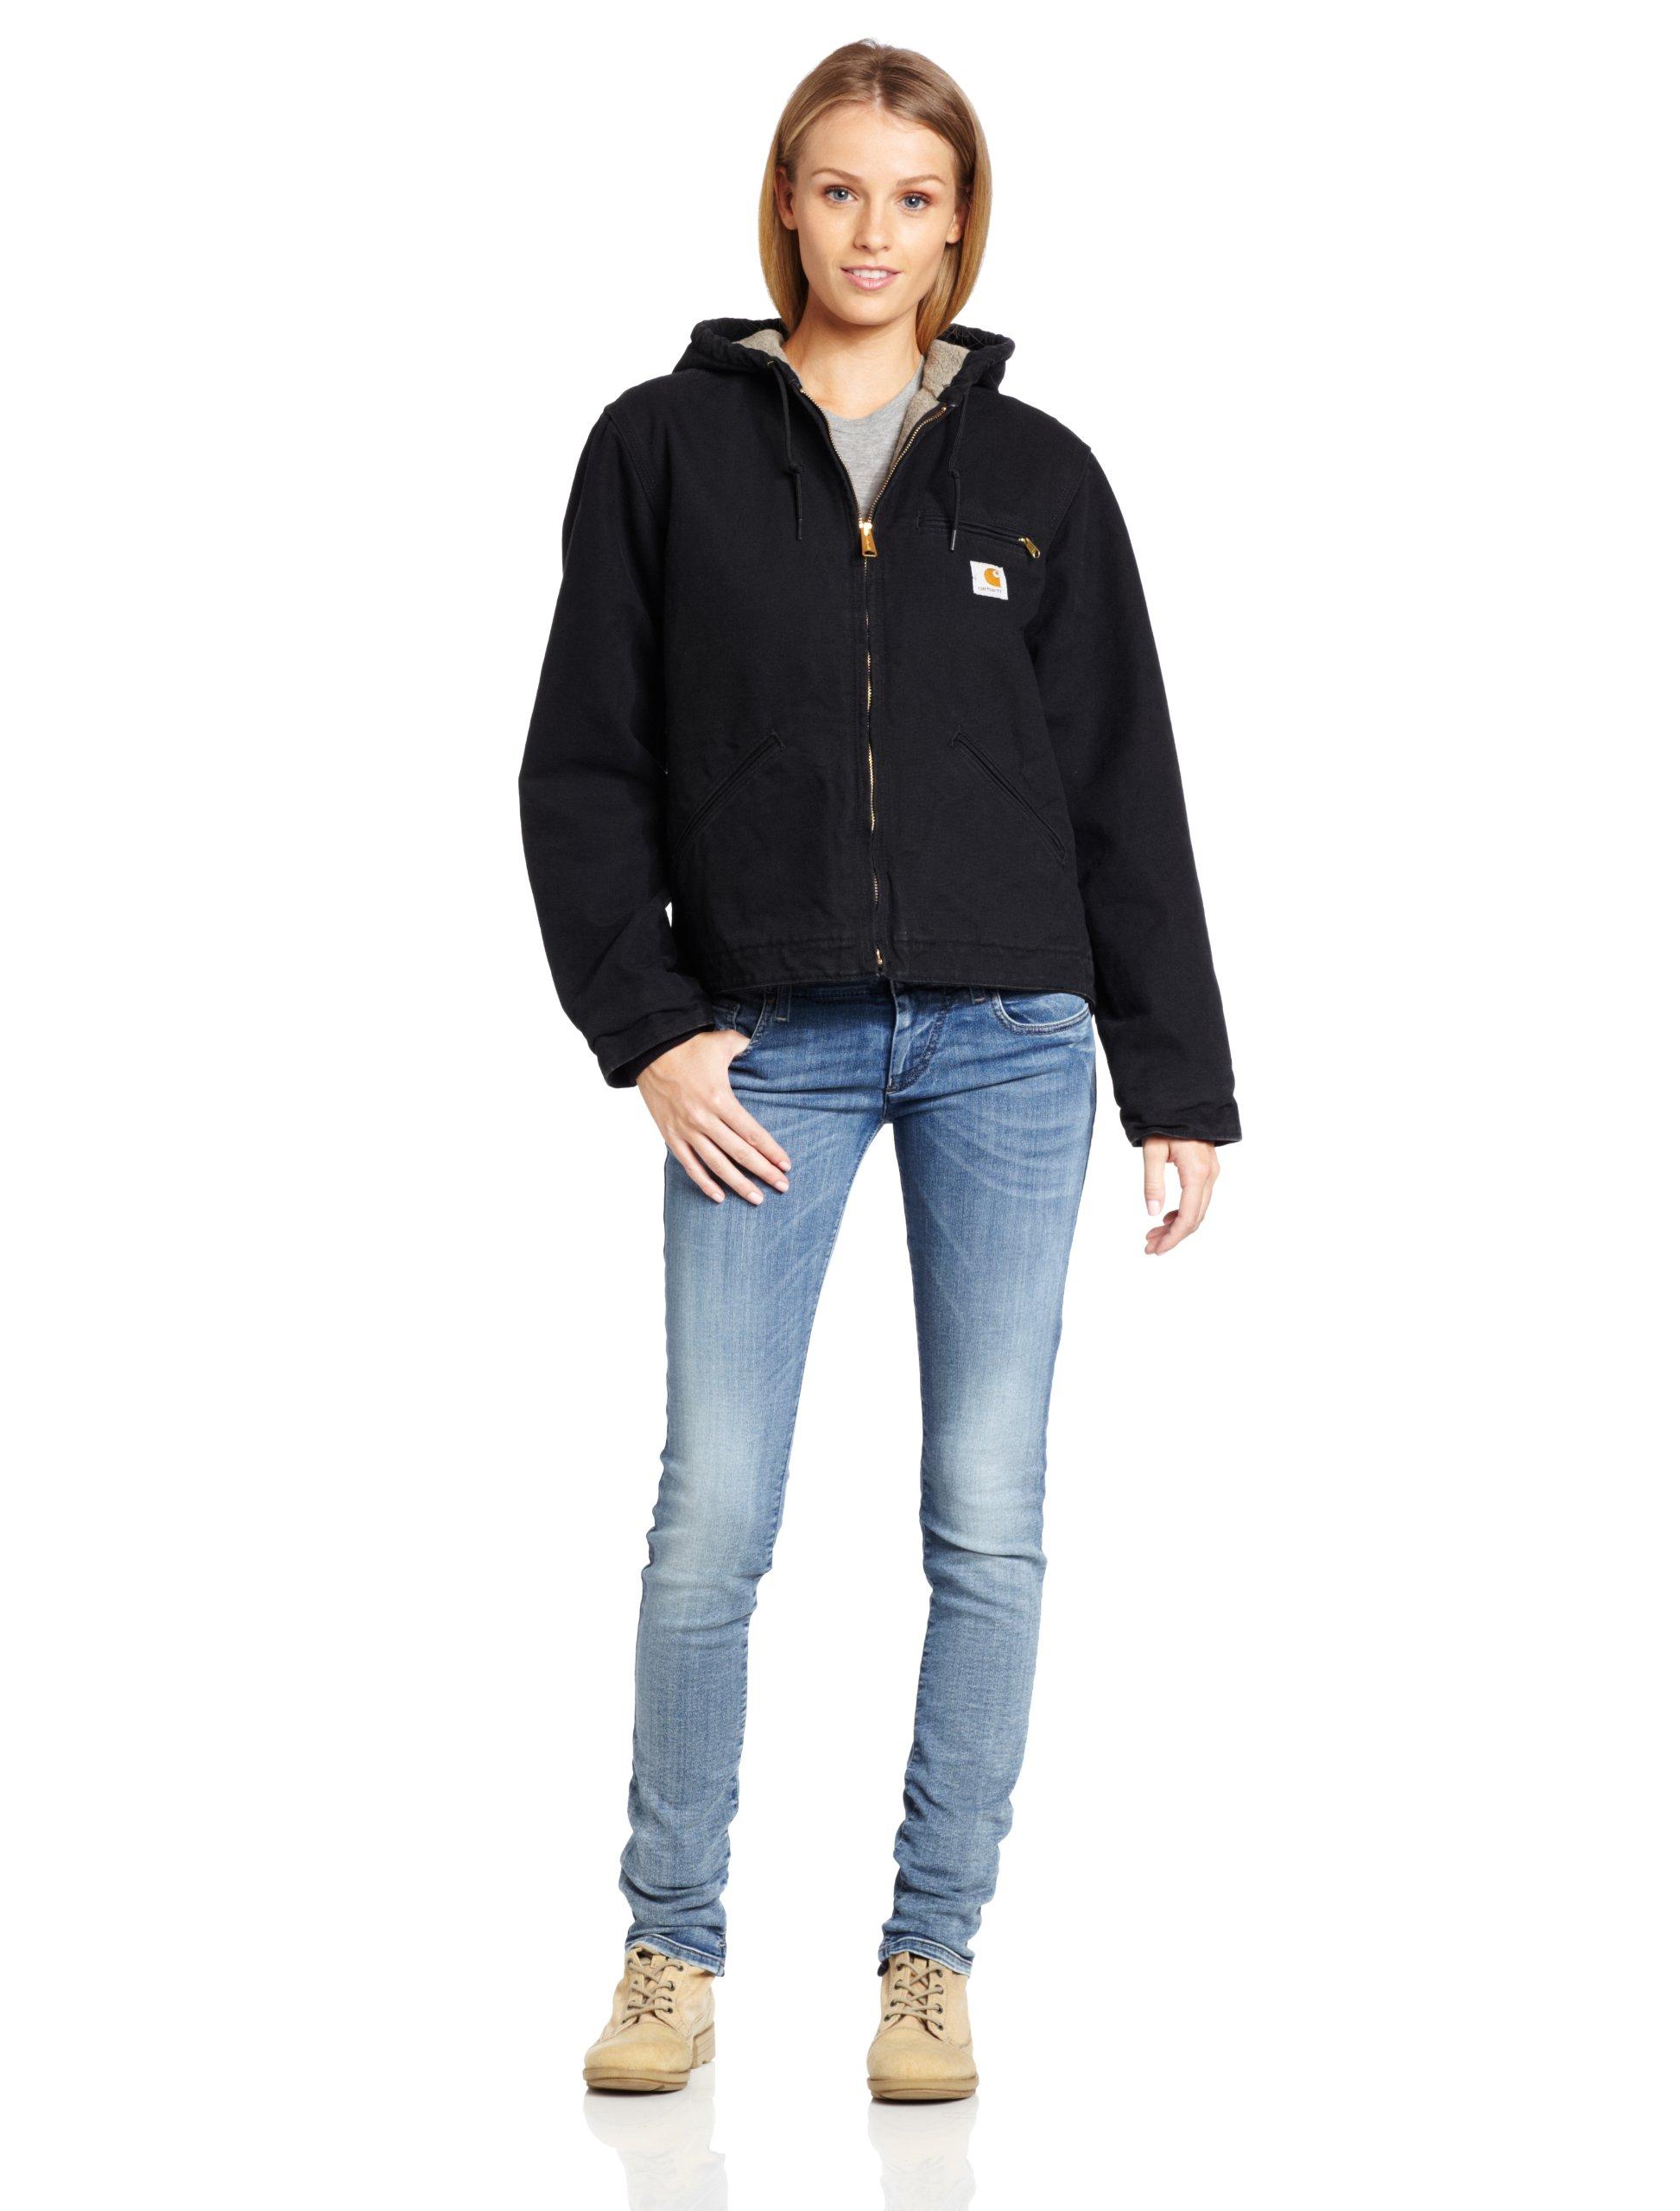 Carhartt Women's Sherpa Lined Sandstone Sierra Jacket Zip Front Hooded WJ141,Black,Small